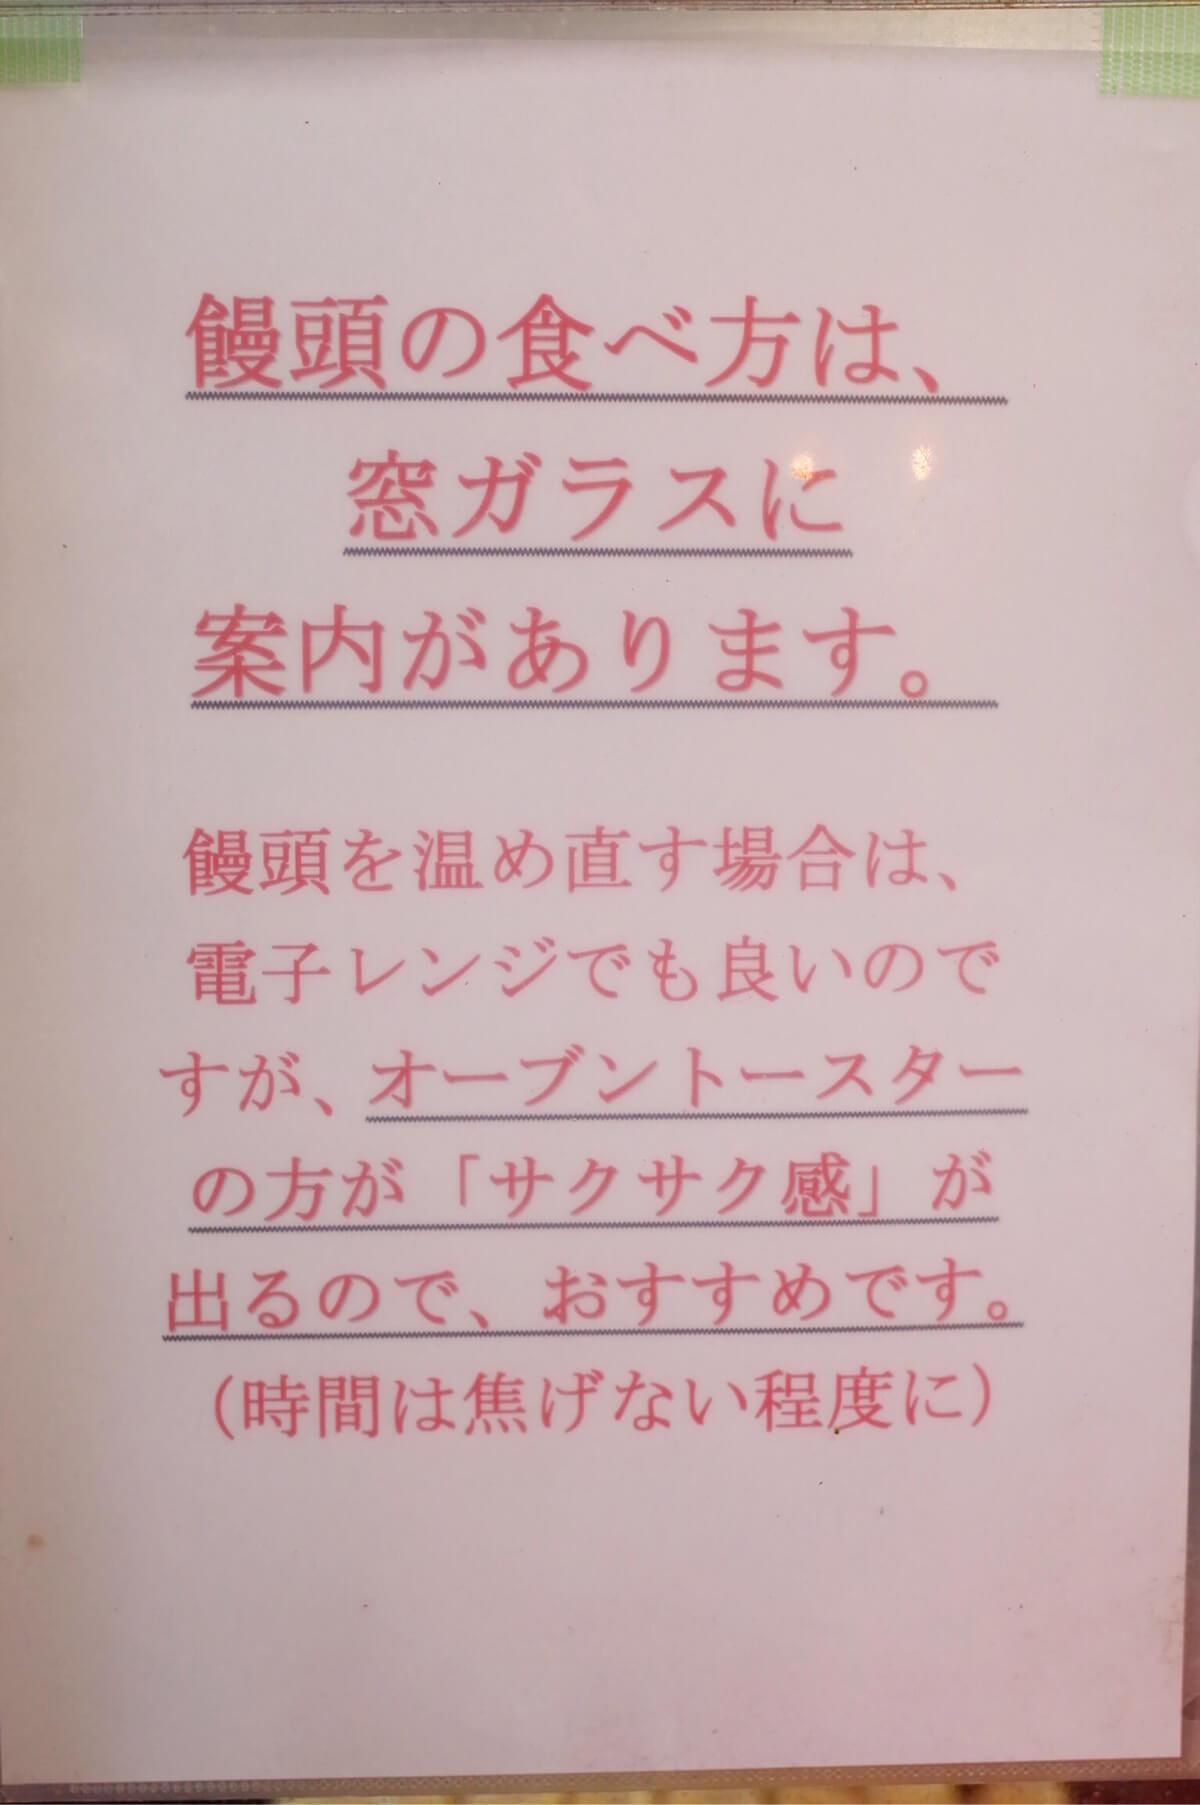 小陽生煎饅頭屋 注意書